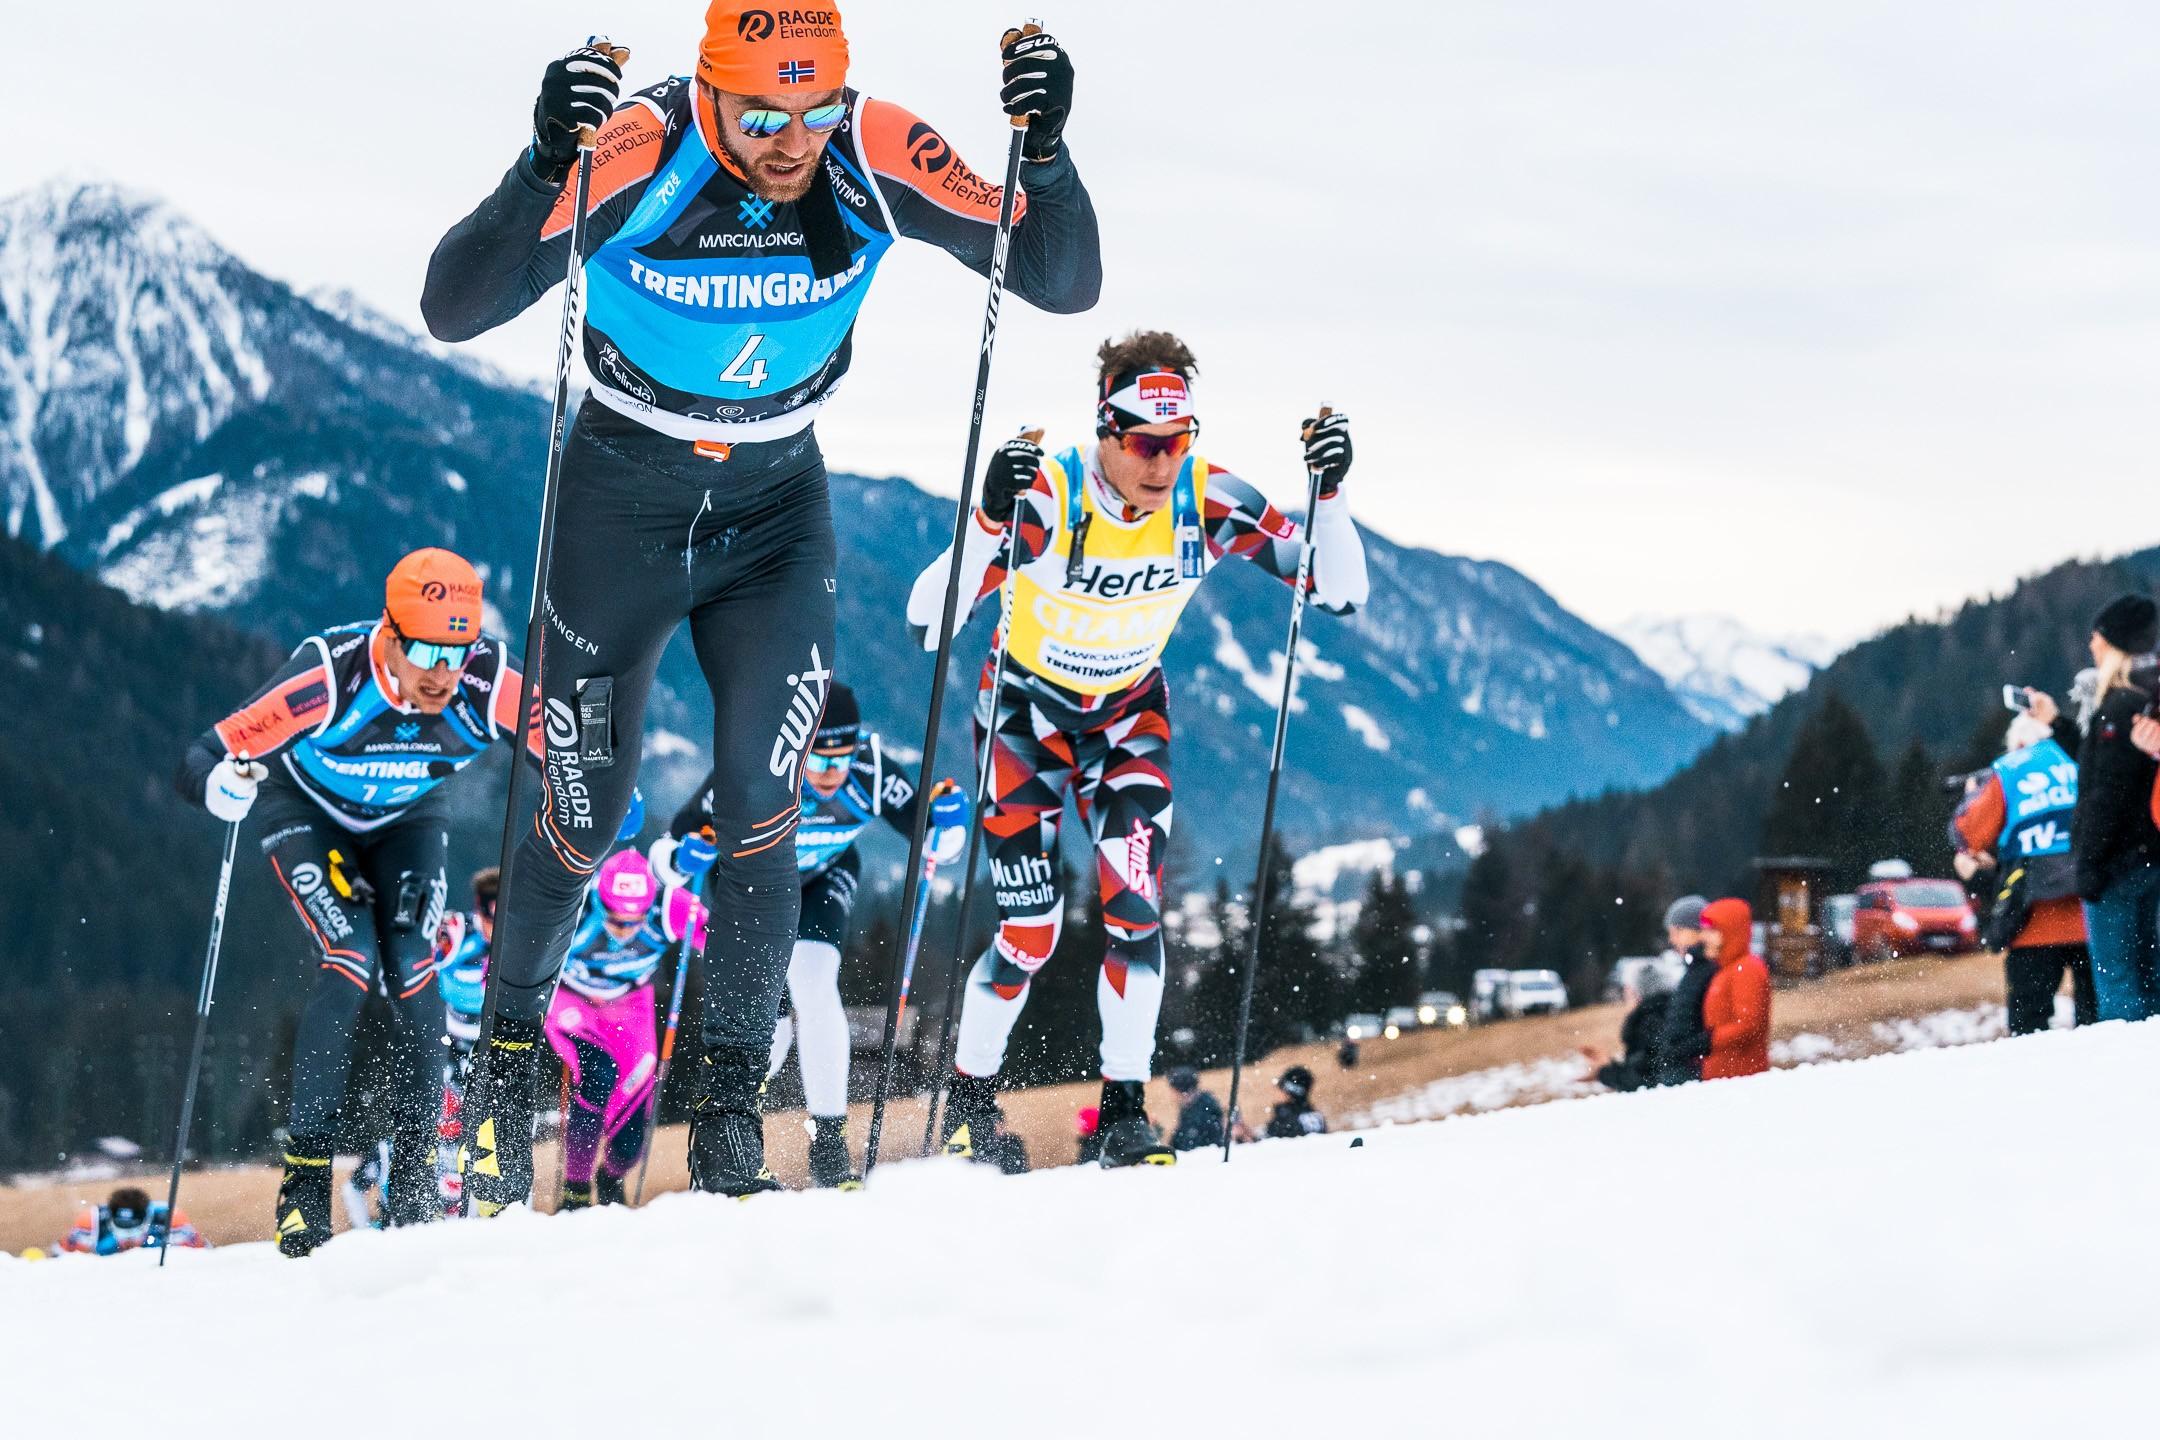 Массовый марафон по беговым лыжам «Марчалонга» в Италии